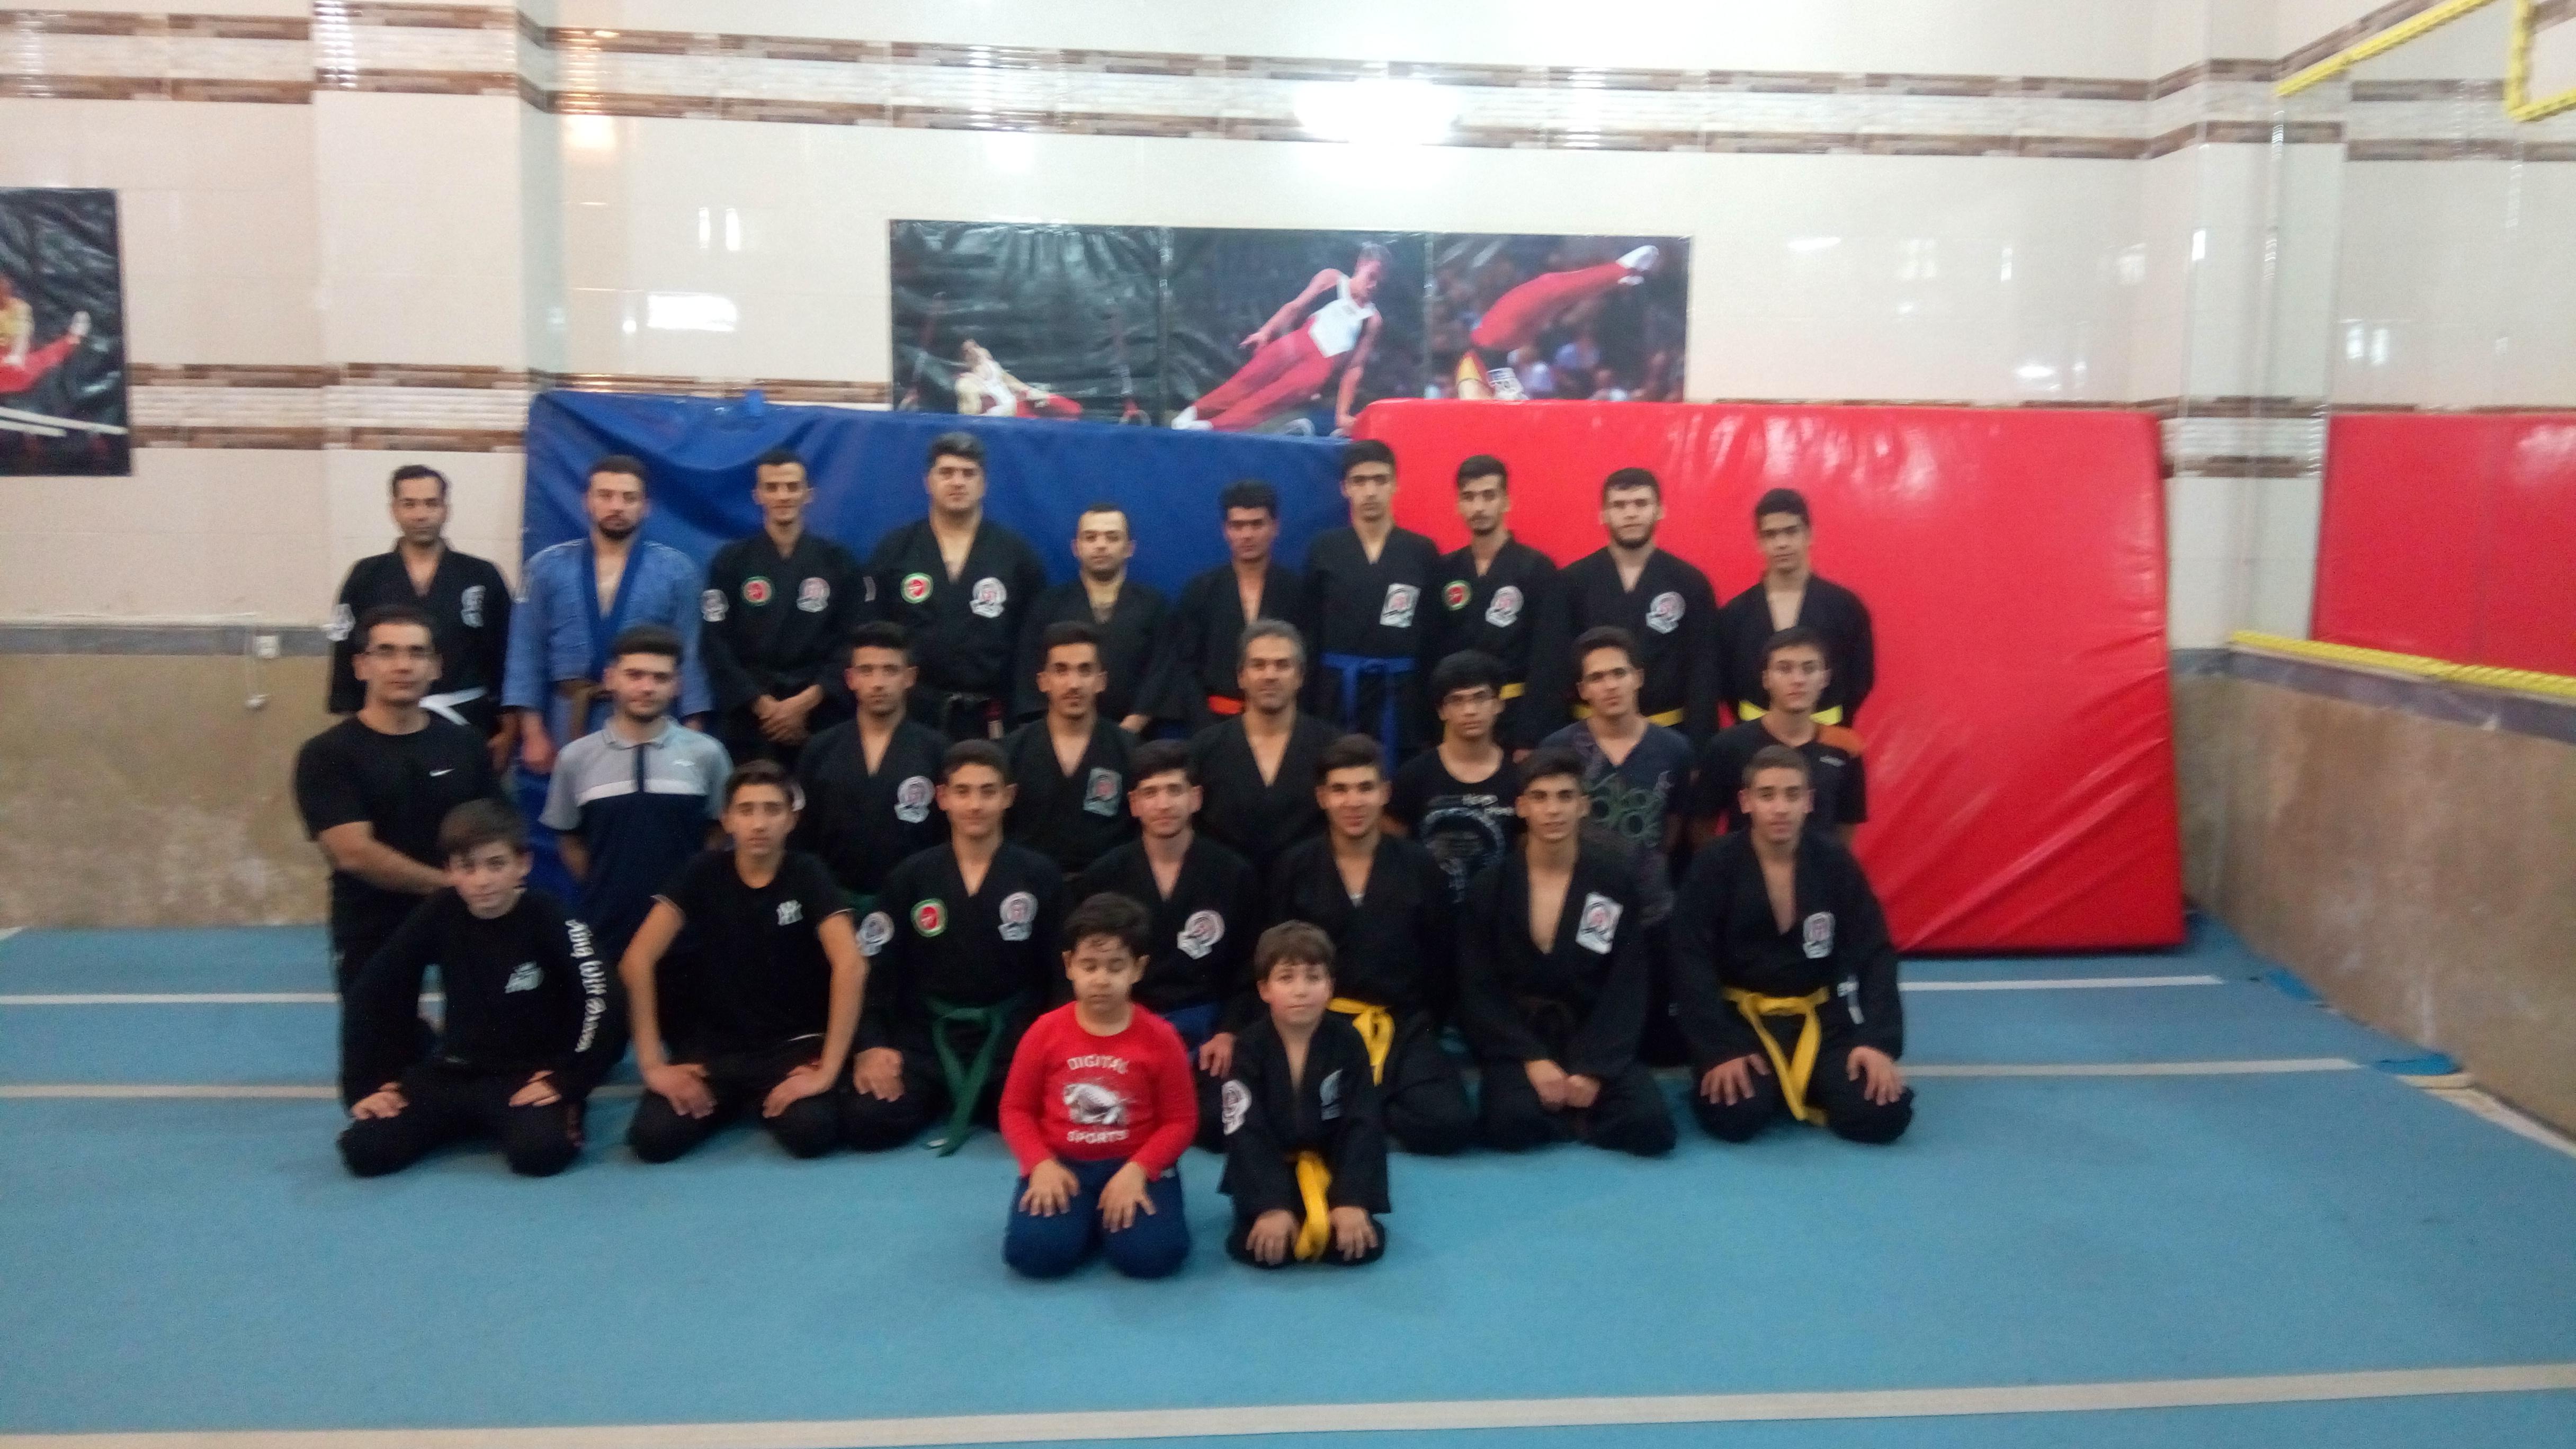 آموزش دفاع شخصی در سطح جهانشهر تبریز